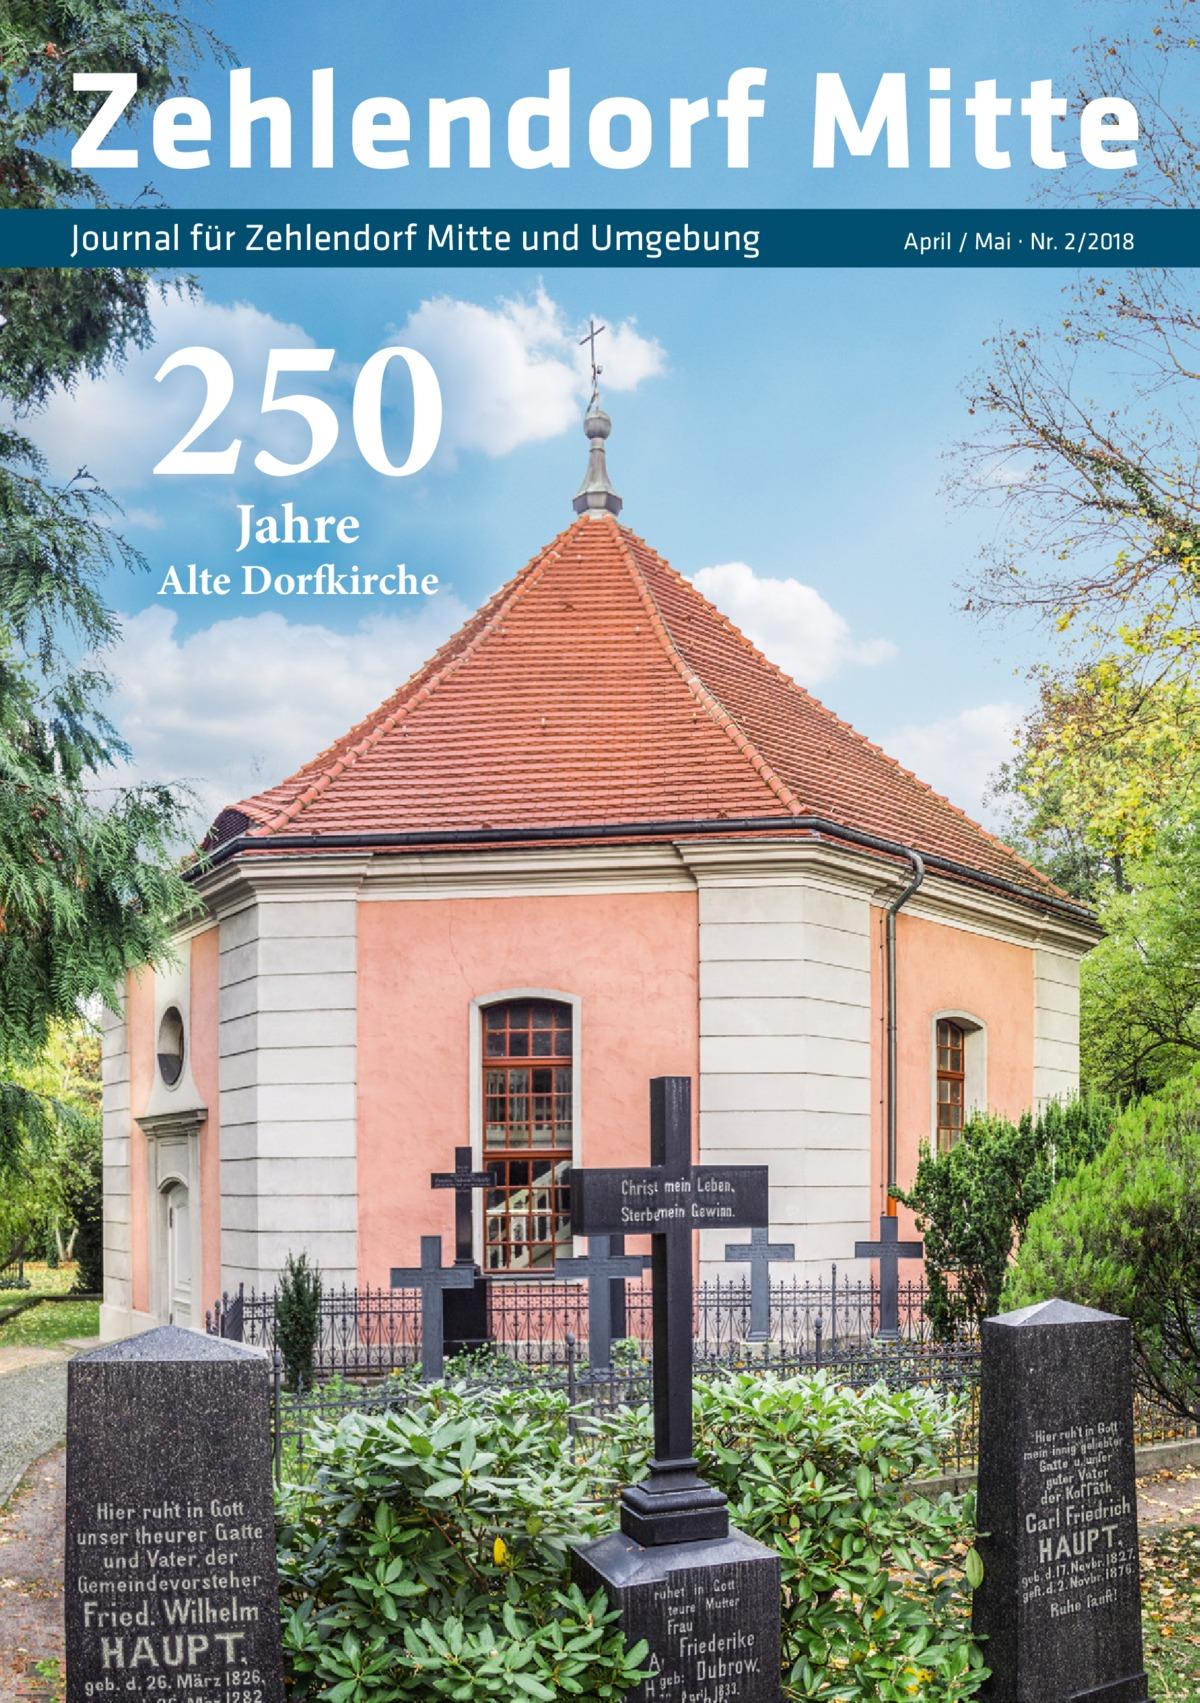 Zehlendorf Mitte Journal für Zehlendorf Mitte und Umgebung  250 Jahre  AlteDorfkirche  April / Mai · Nr. 2/2018